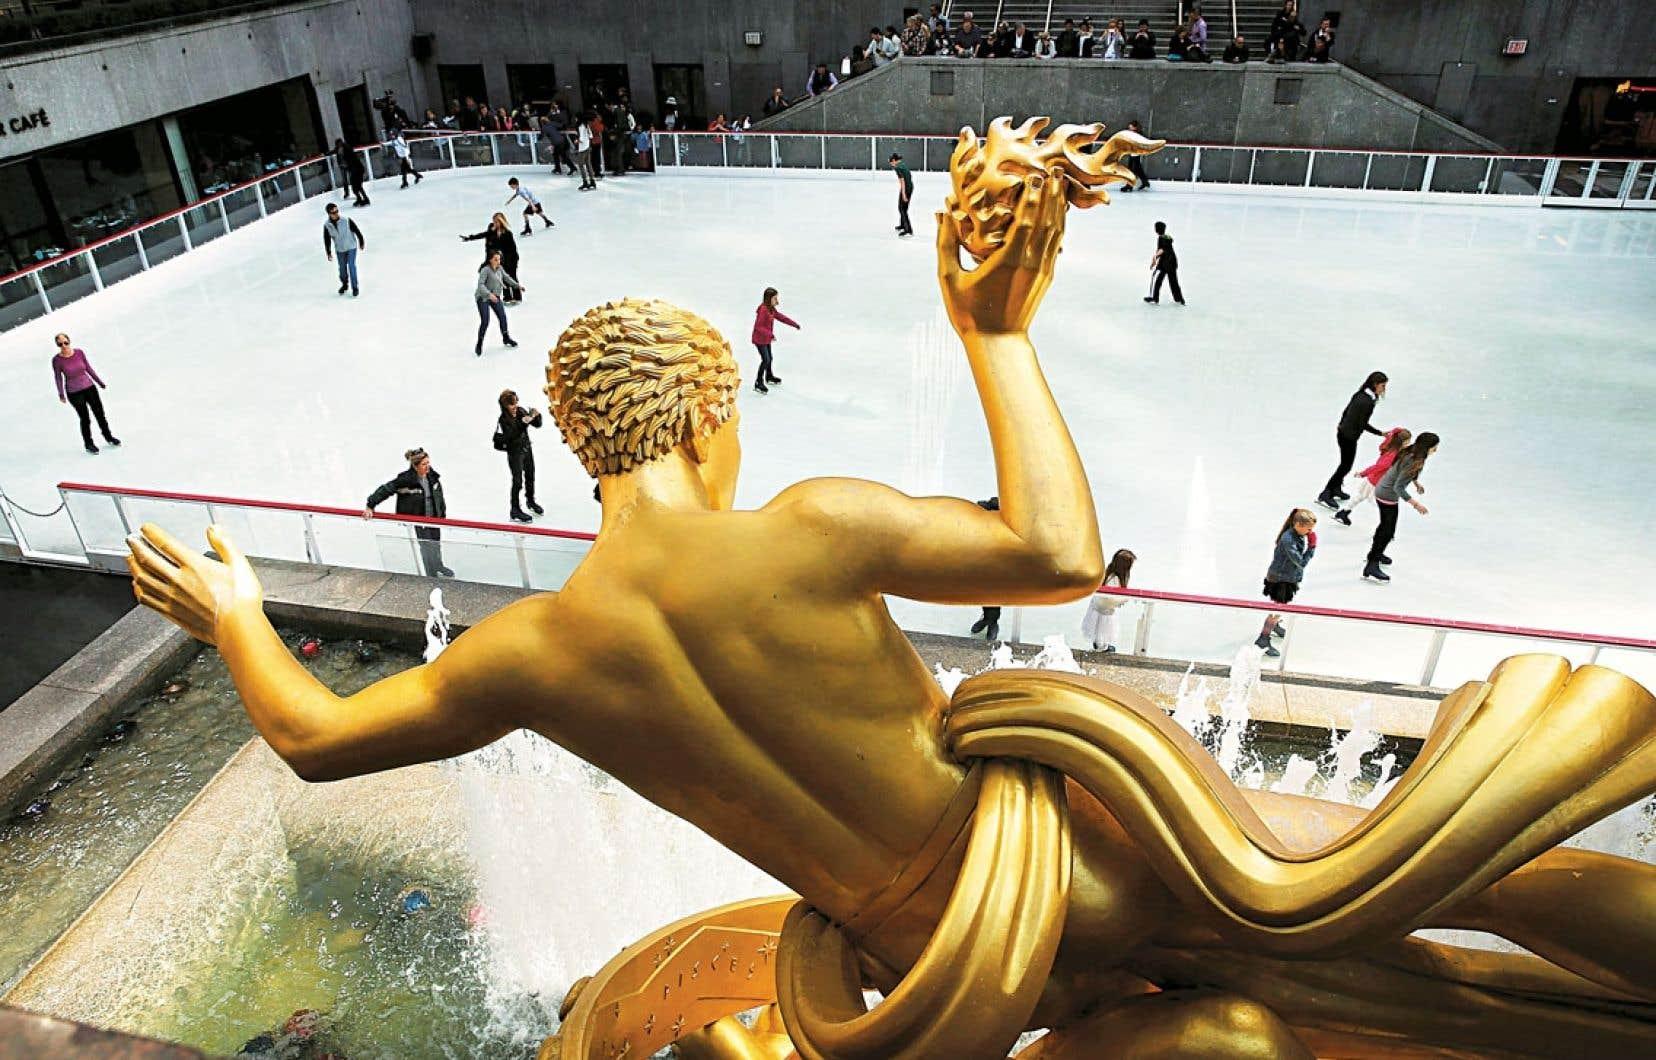 La patinoire du Rockefeller Center à New York, dont l'installation en est à sa 77e saison. Aménagée en 1936 comme une attraction temporaire, elle s'inscrit aujourd'hui au cœur des activités du temps des Fêtes dans la Grosse Pomme.